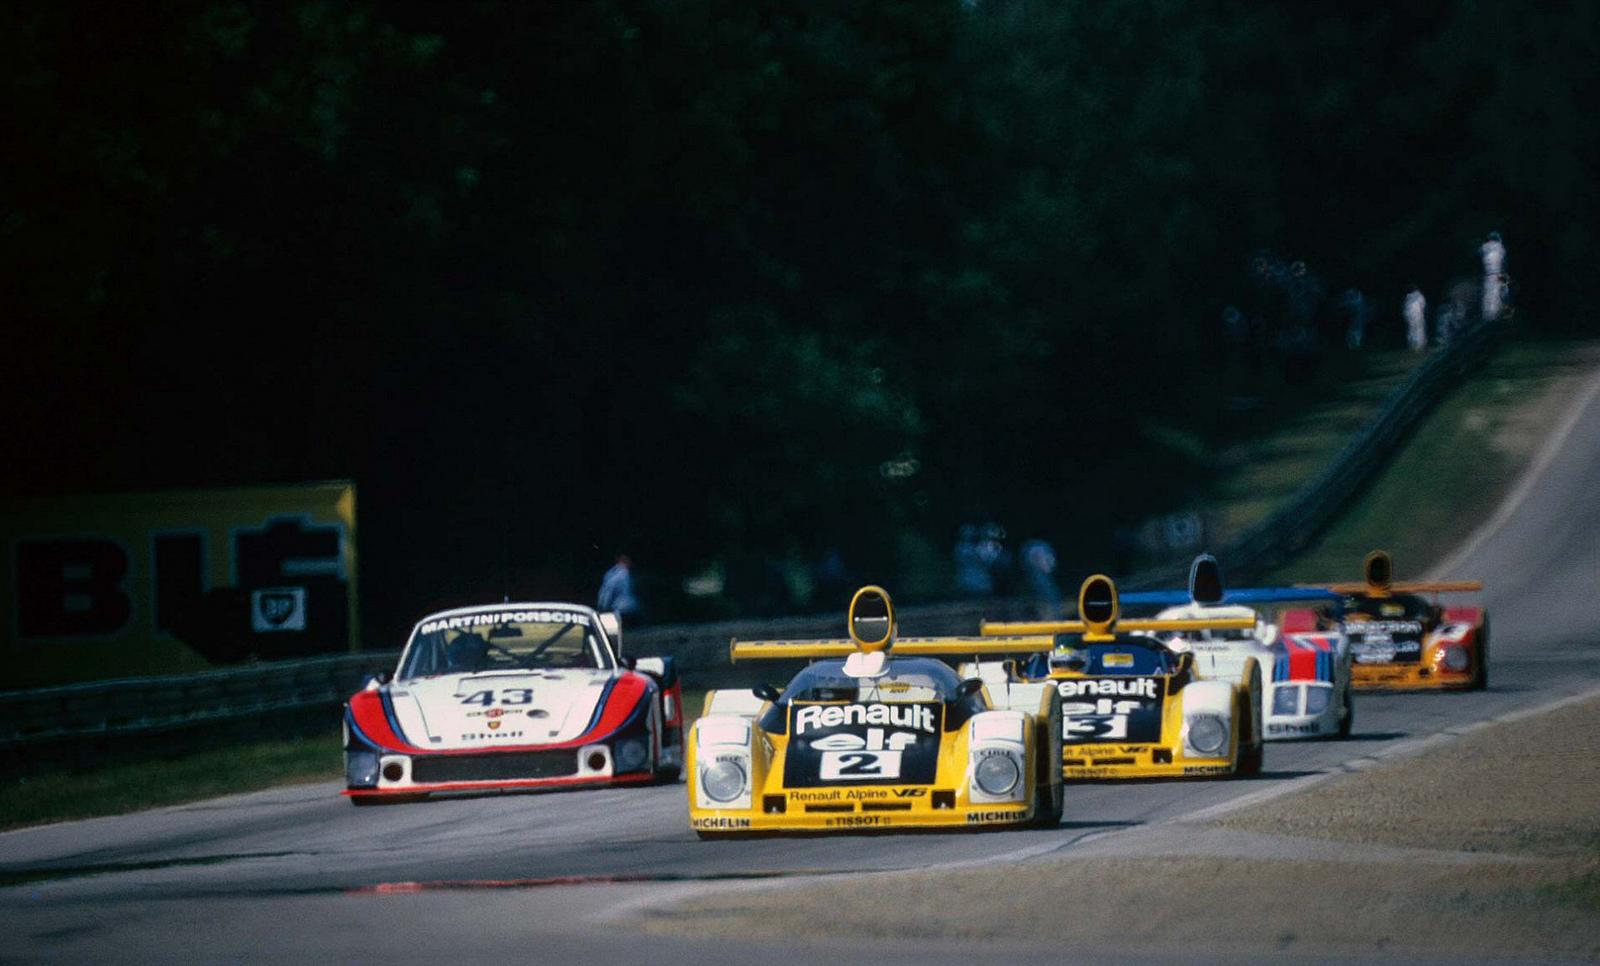 Escena de las 24 Horas de 1978 con los Alpine viajando juntos en la larga recta de Les Hunaudieres. Adelante, el nº2 (A442-B) y a la postre vencedor de Jaussaud-Pironi, seguido por el nº3 (A442-A) de Bell-Jarier, en la imagen, ambos superan a uno de los Porsche-Martini?